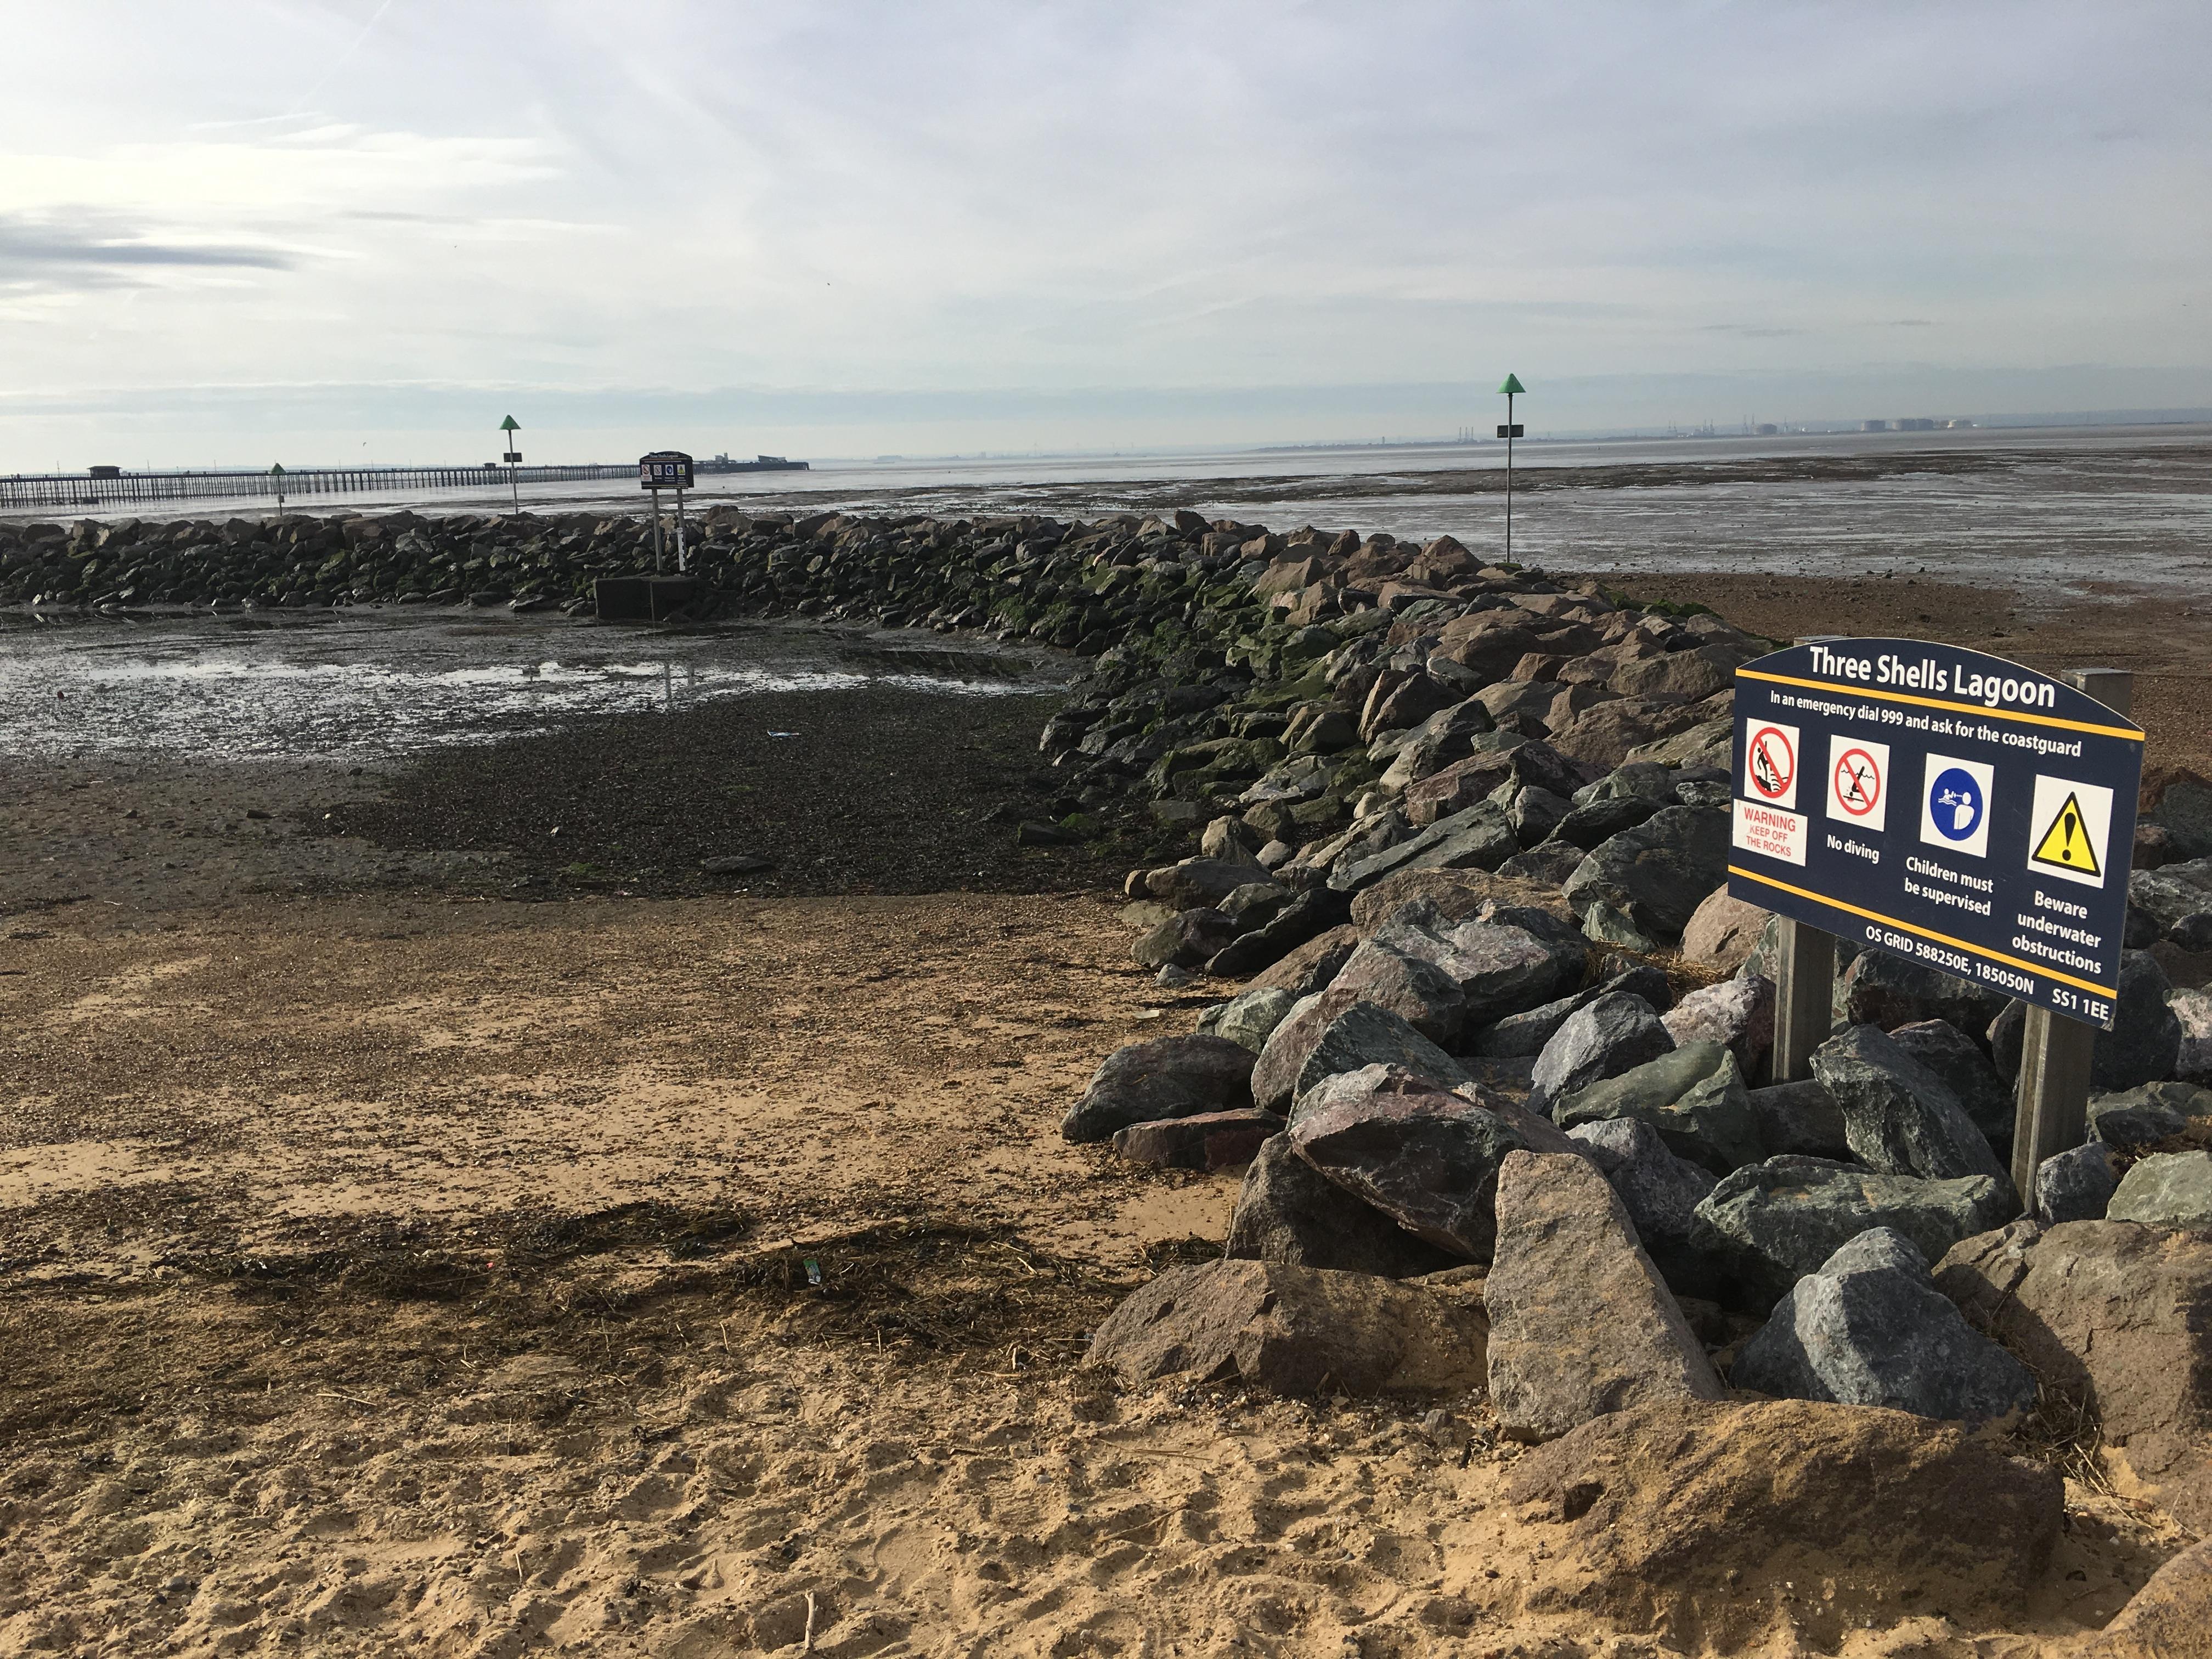 Lagoon Spring Clean, Beach, Coast, Sand, Sea, HQ Photo